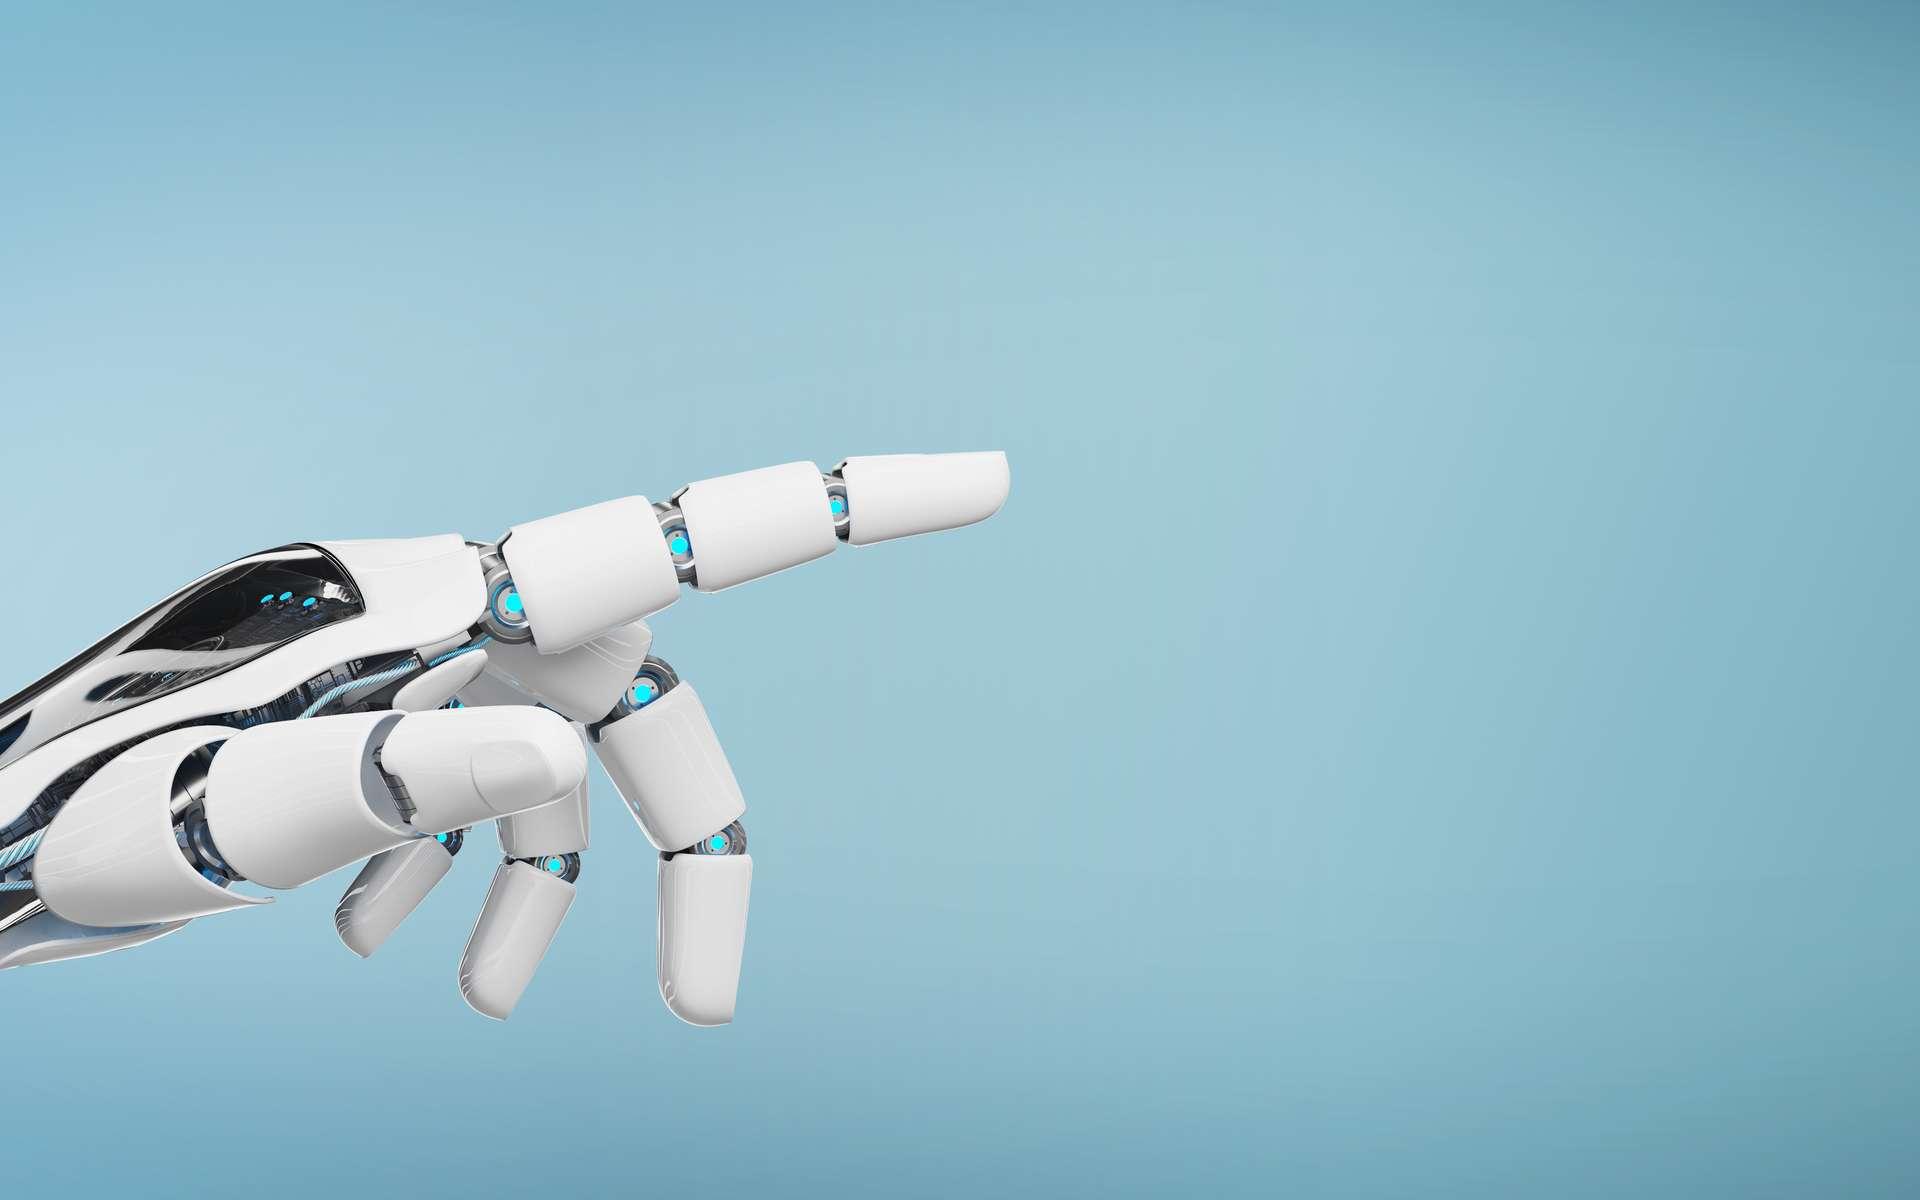 HRP-4C, un robot humanoïde, capable de danser, construit par AIST, un institut de recherche japonais. © Adobe Stock, sdecoret